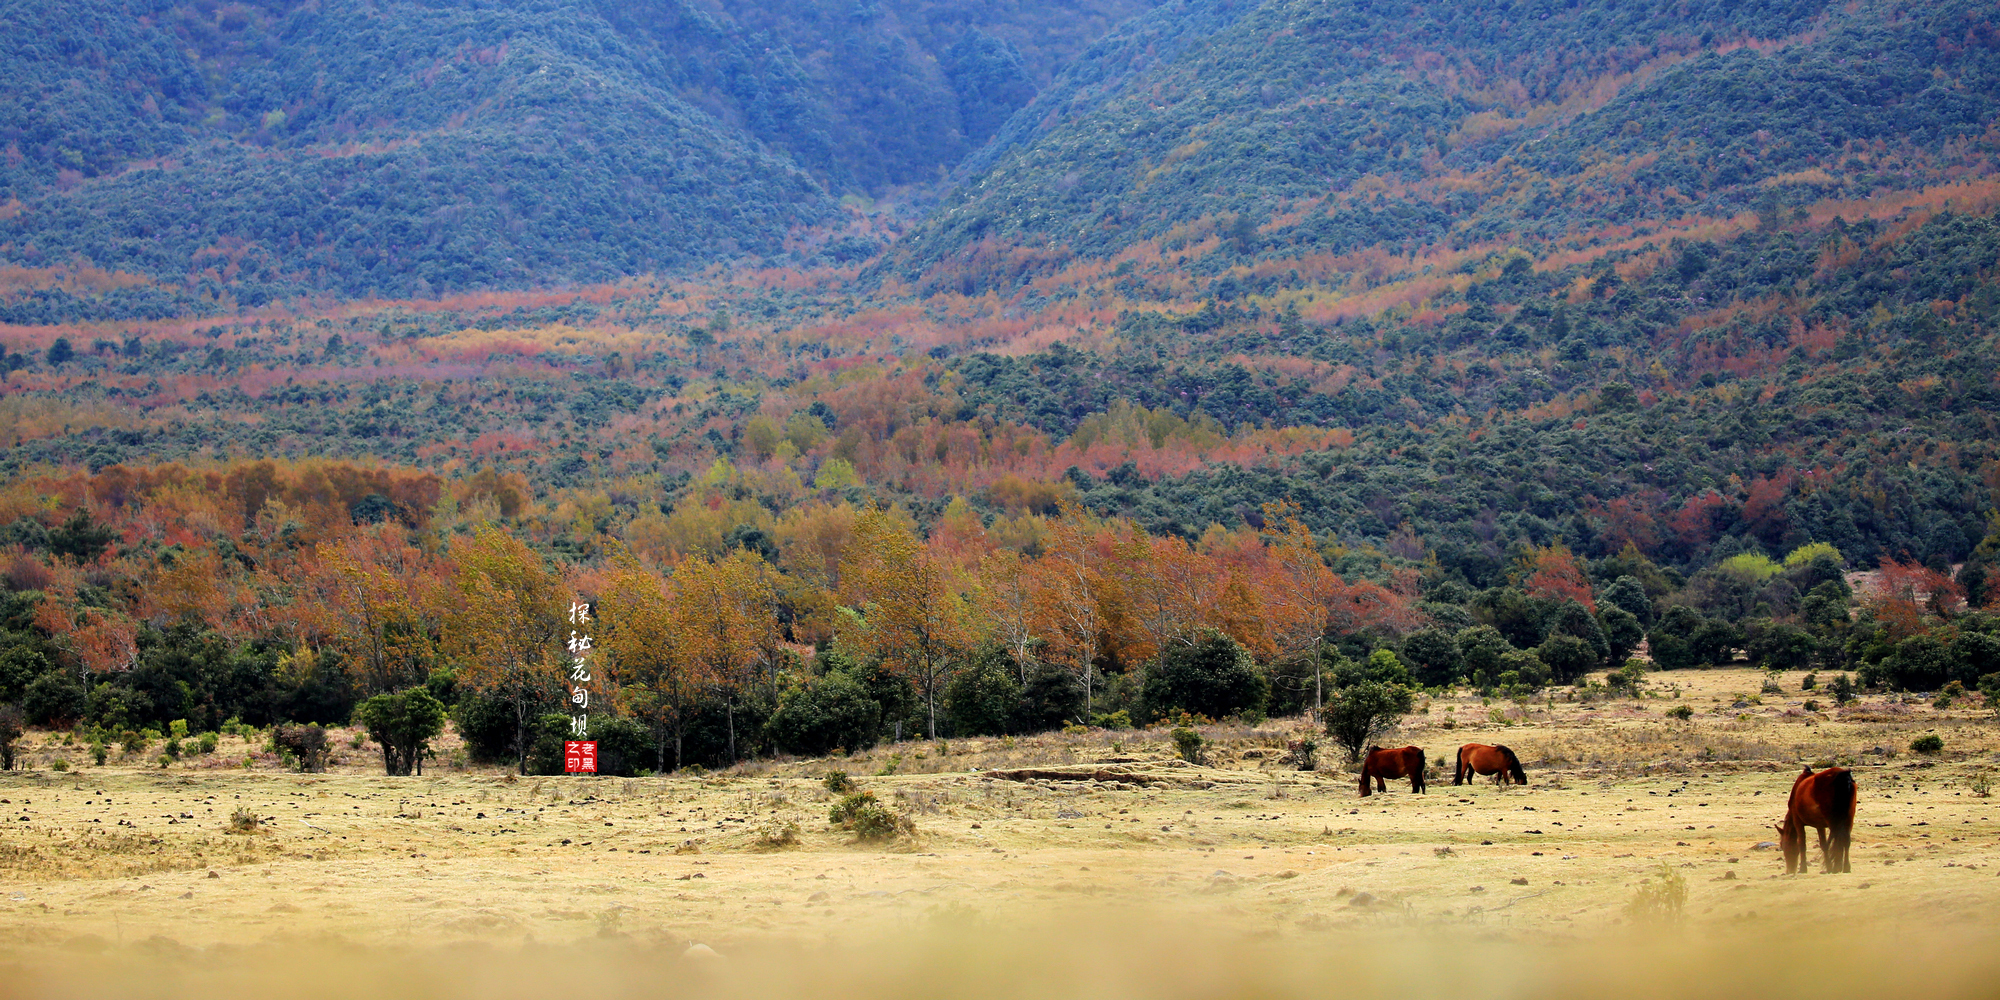 除了苍山洱海和双廊,大理还有秘境桃源,春日里,花开满山,秋色正浓